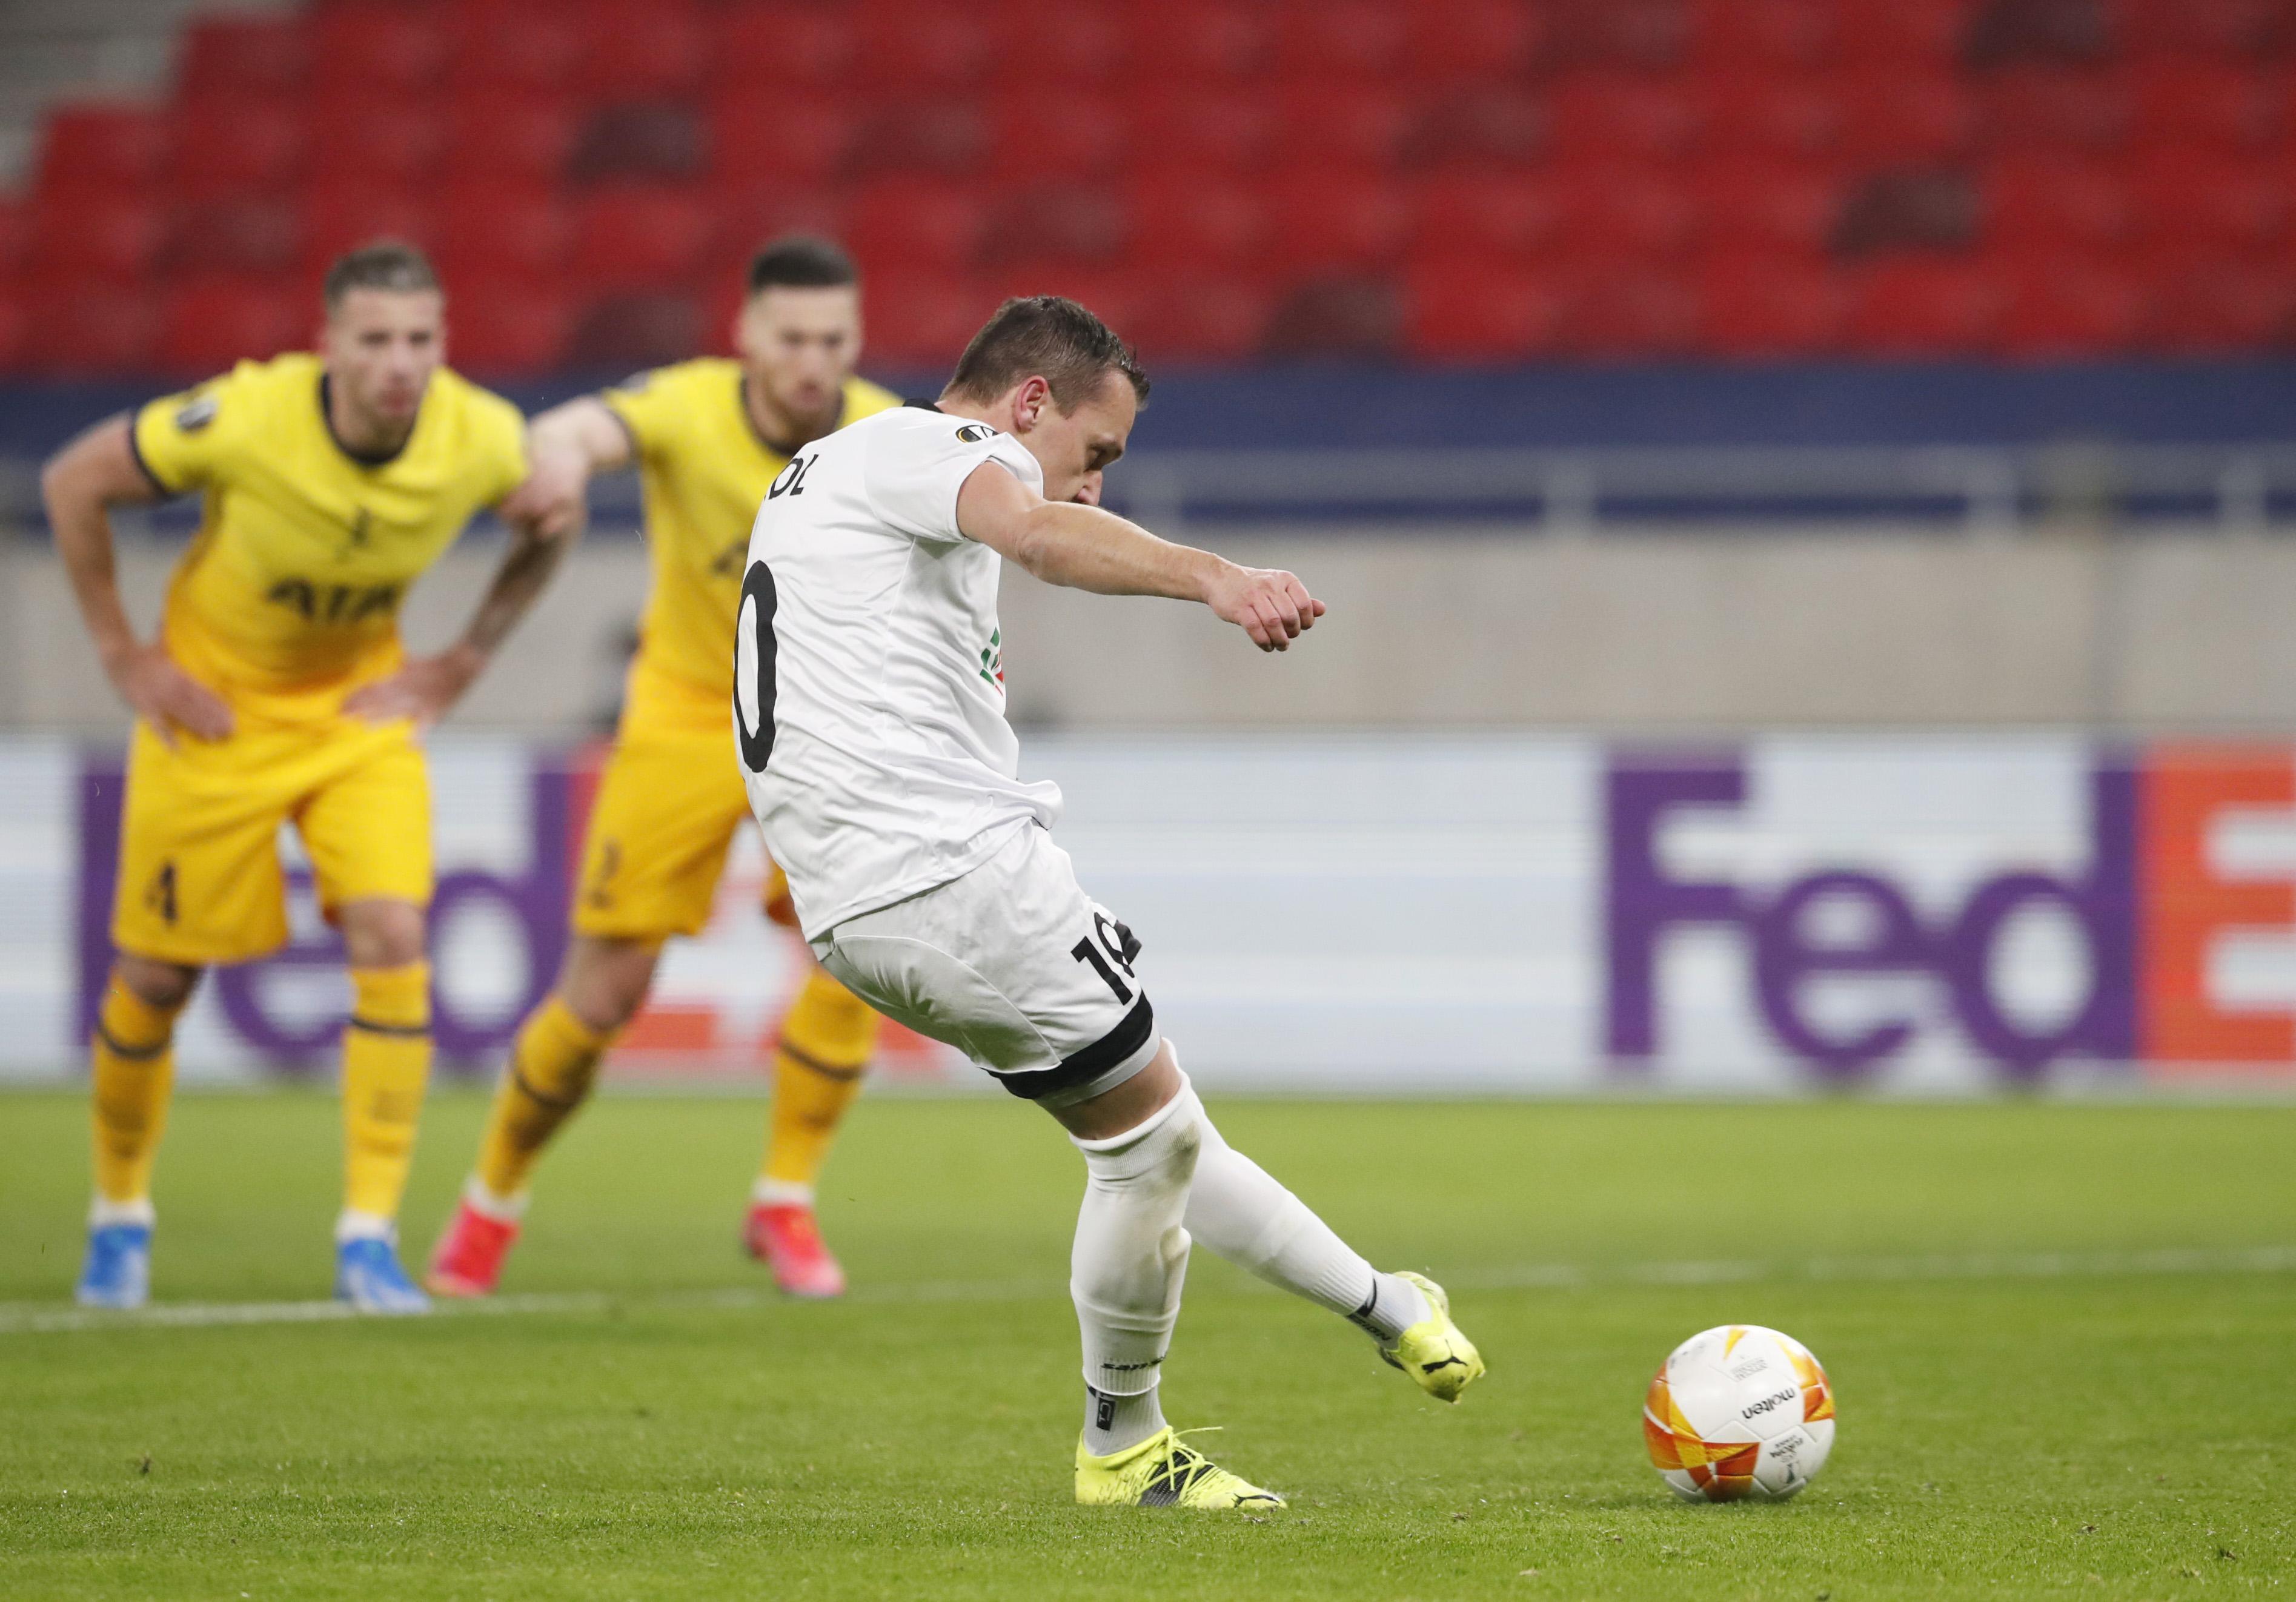 Europa League - Round of 32 First Leg - Wolfsberger AC v Tottenham Hotspur